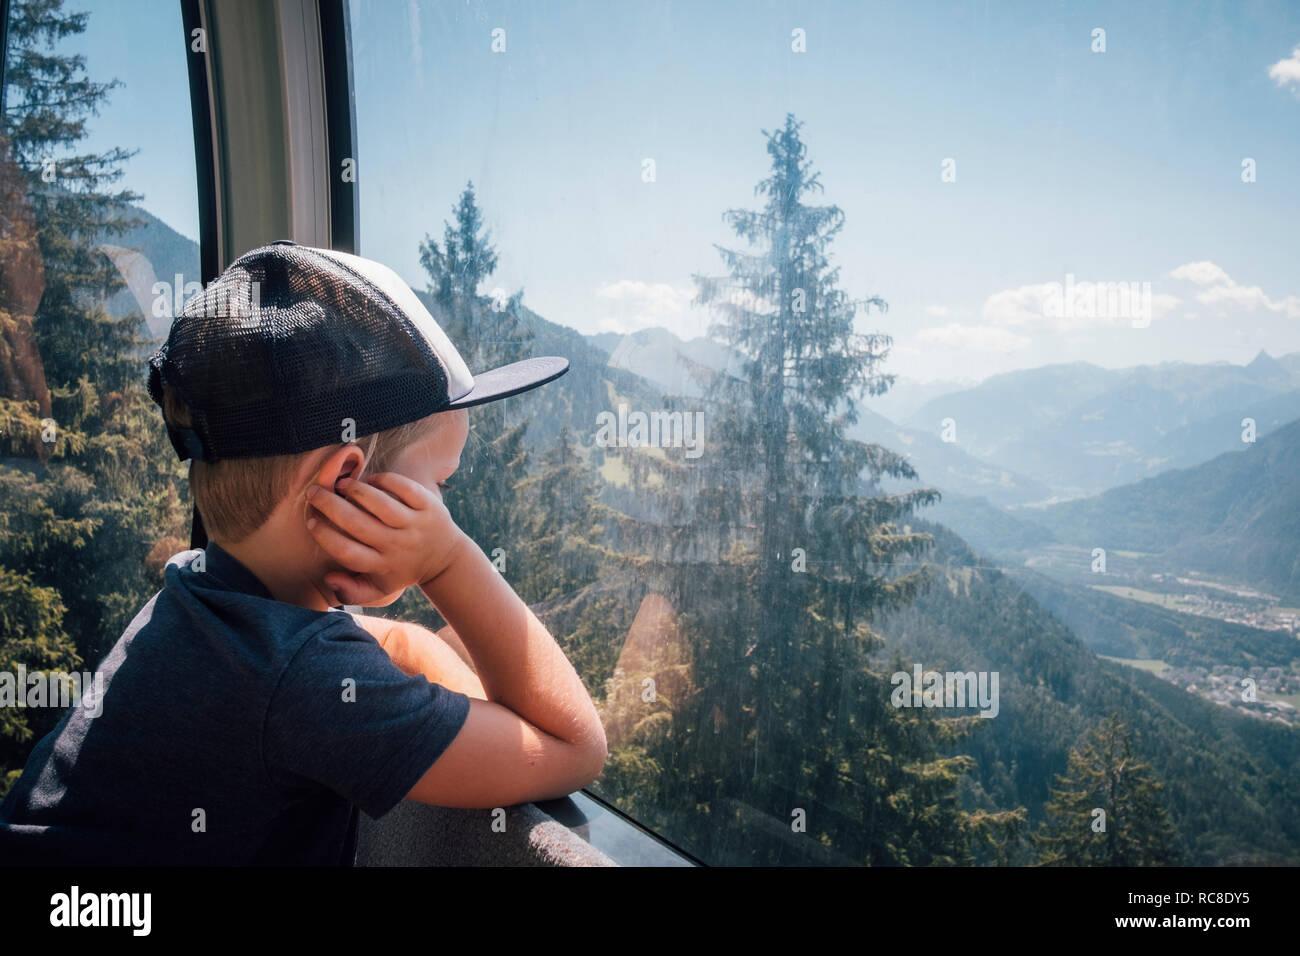 Garçon contemplant vue sur vallée, Bludenz, Vorarlberg, Autriche Banque D'Images